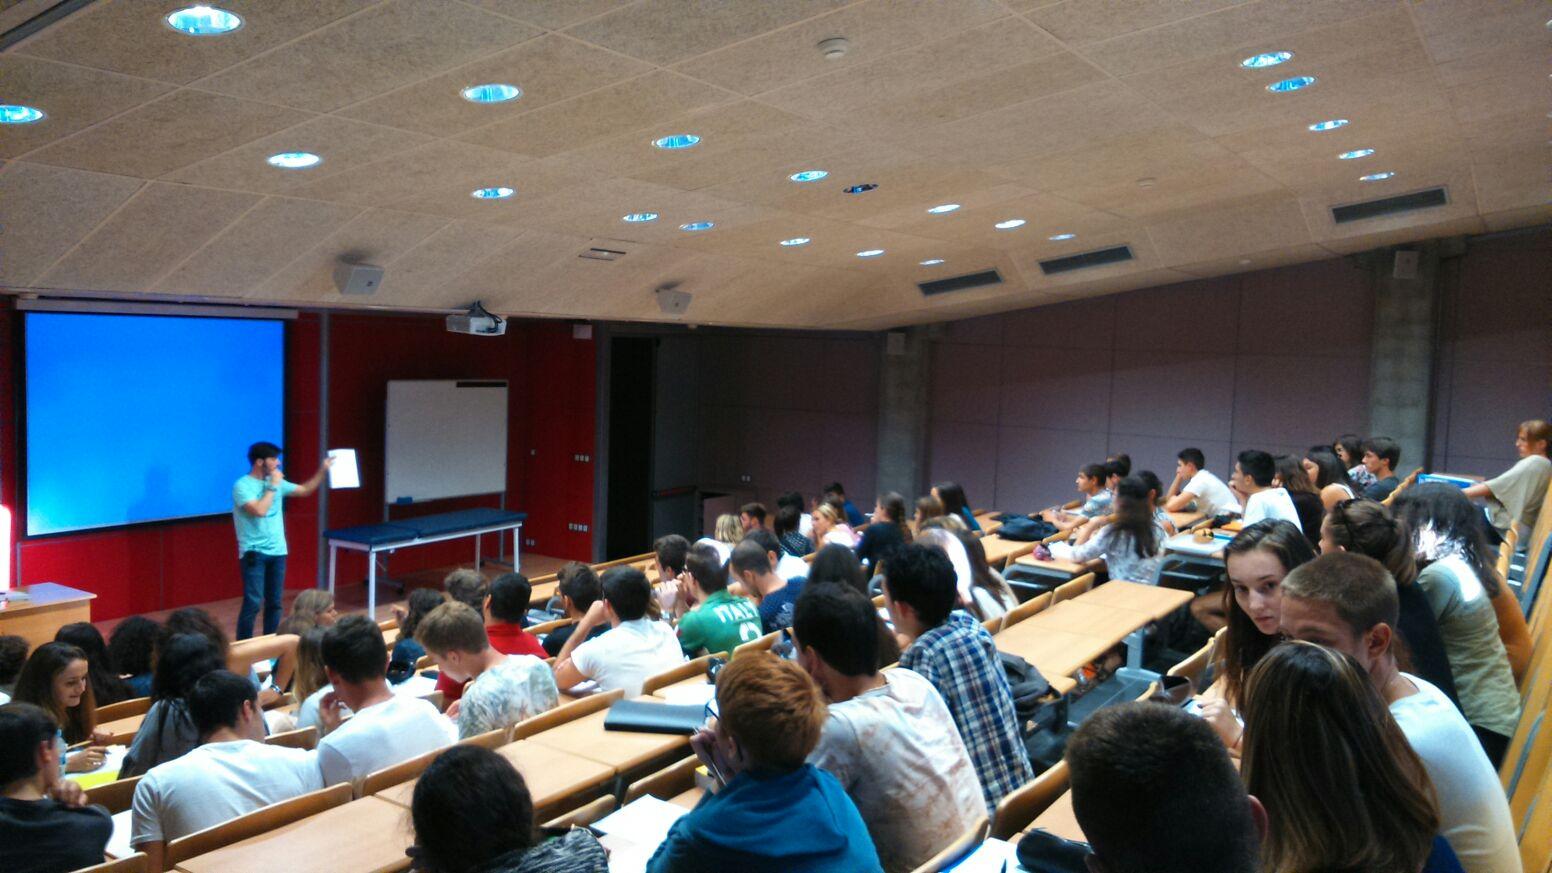 Arrenca el curs acadèmic 2015/16 a l'Escola Universitària de la Salut i de l'Esport i al Centre Privat Garbí